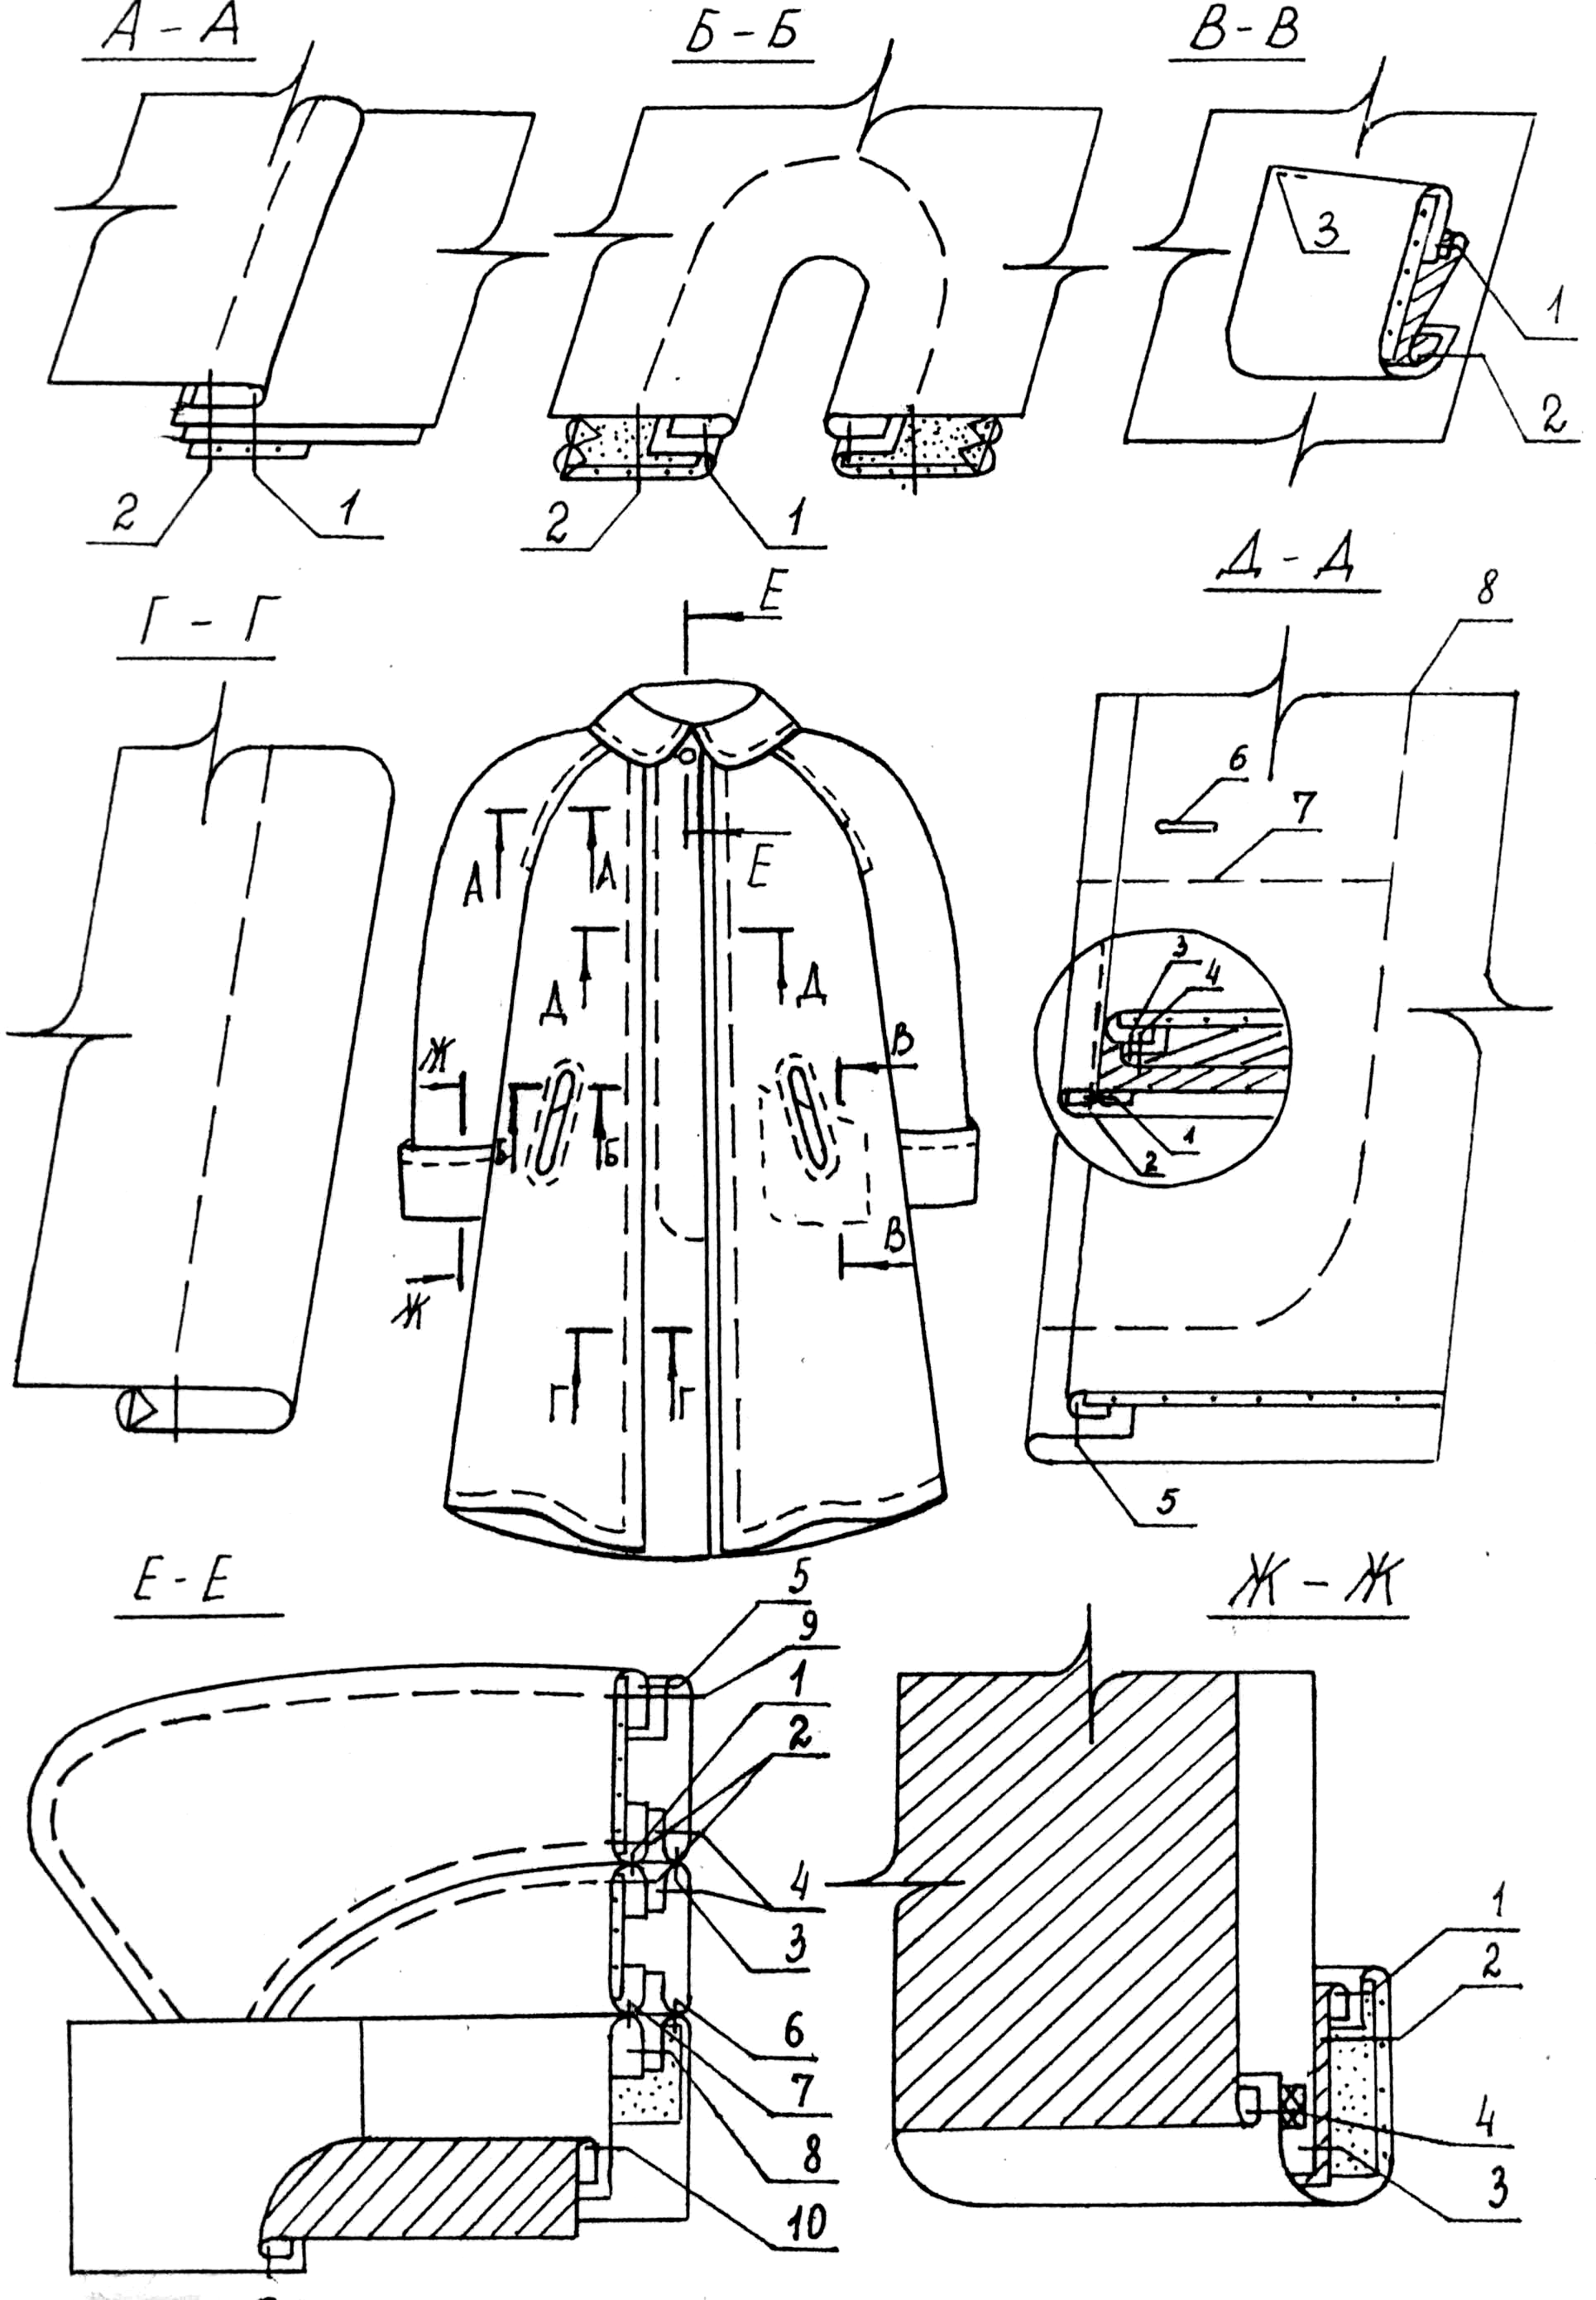 схема сборочного изделия манжеты фигурной